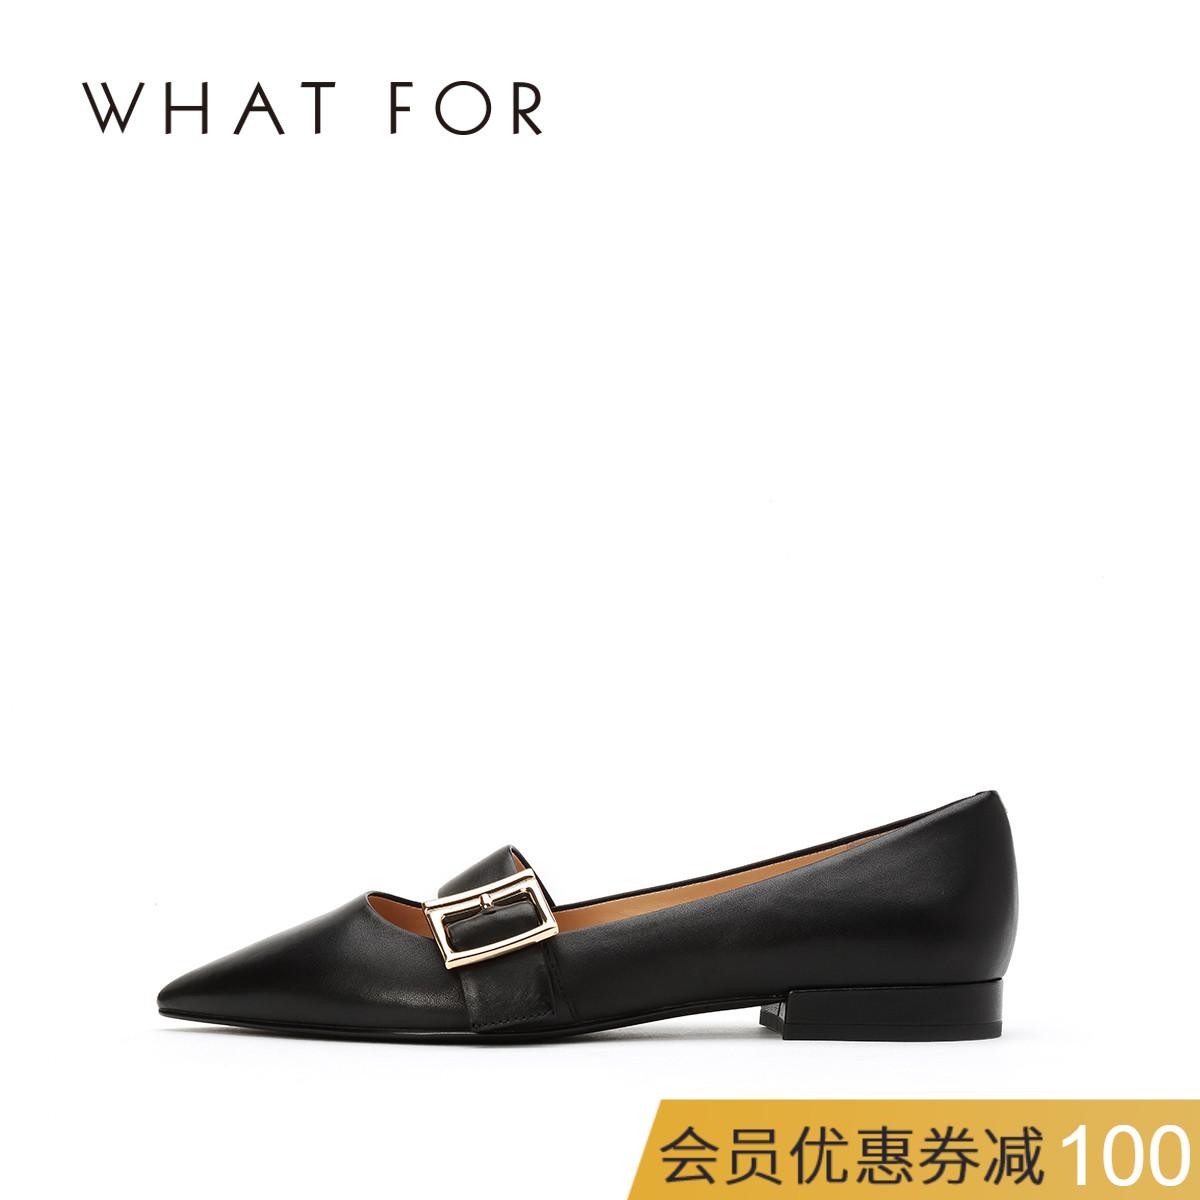 WHAT FOR2018夏季新品羊皮粗低跟尖头百搭系扣简约通勤浅口女单鞋